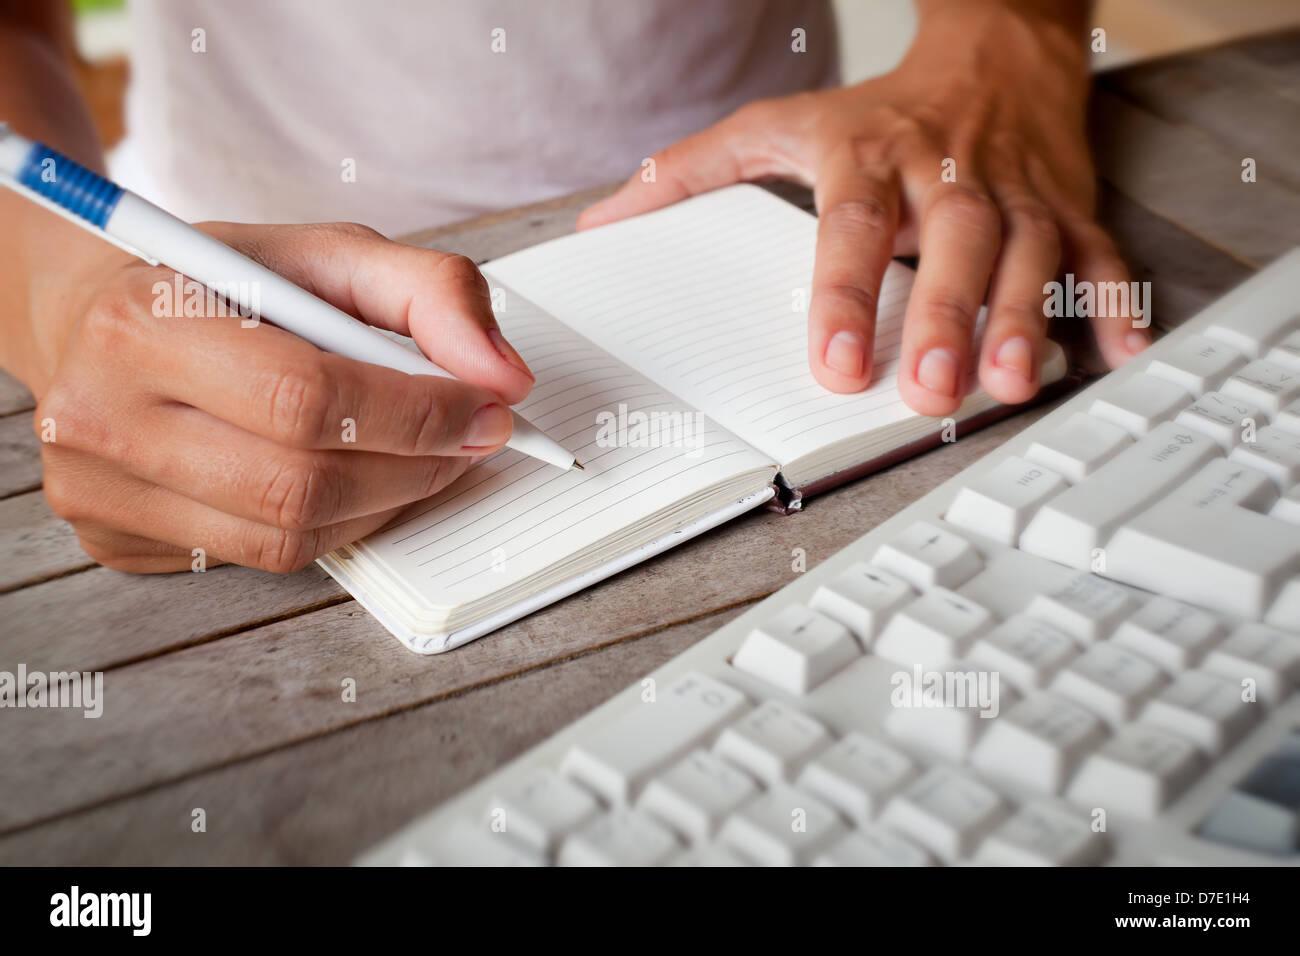 Write immagini write fotos stock alamy for Disegni del mazzo del secondo piano